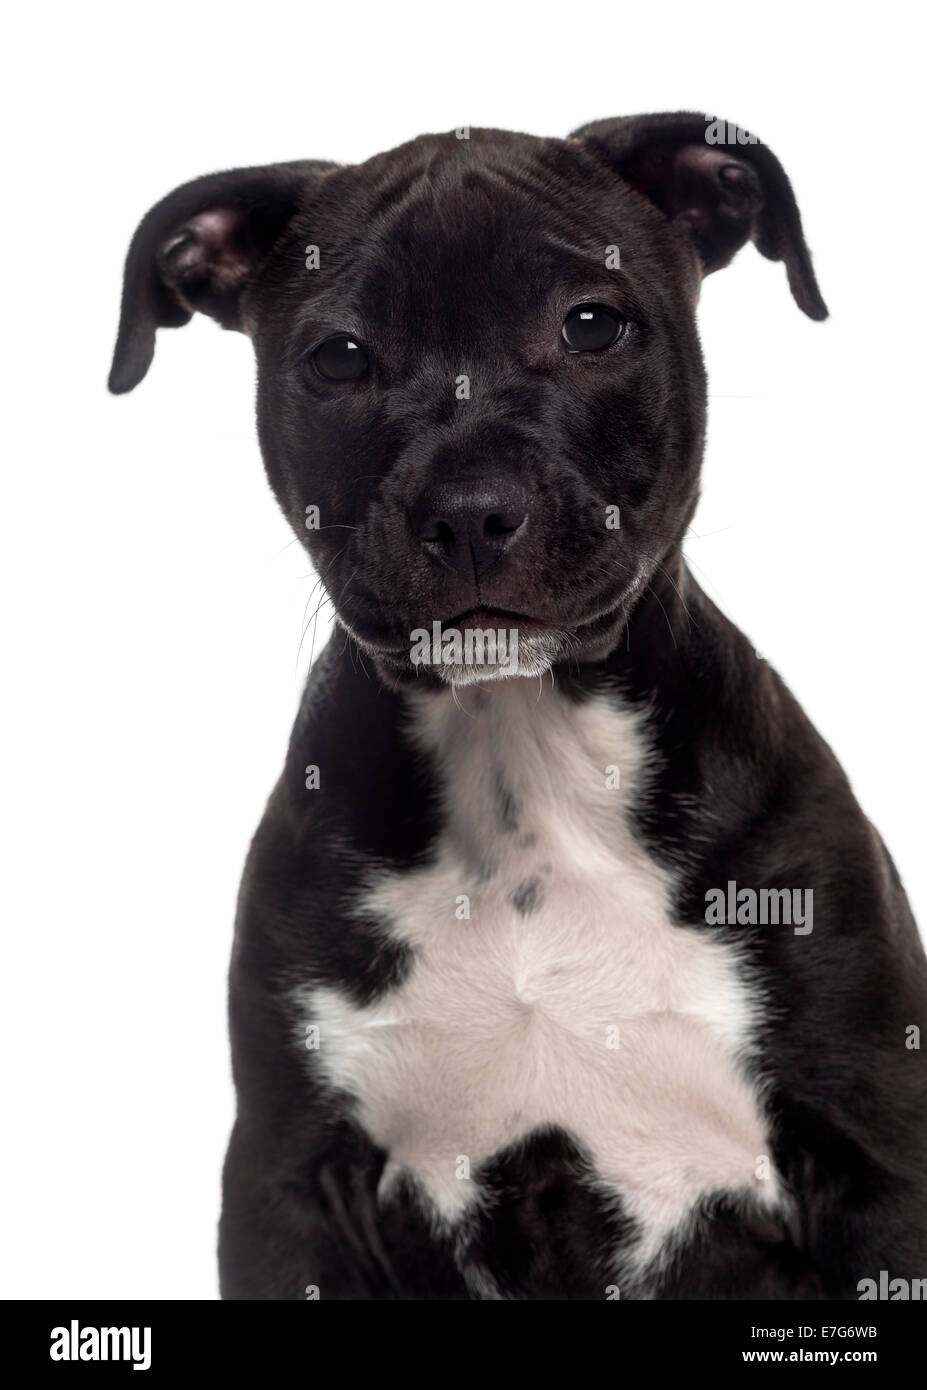 Kopfschuss Von Einem American Staffordshire Terrier Welpen 3 Monate Alt Vor Weissem Hintergrund Stockfotografie Alamy